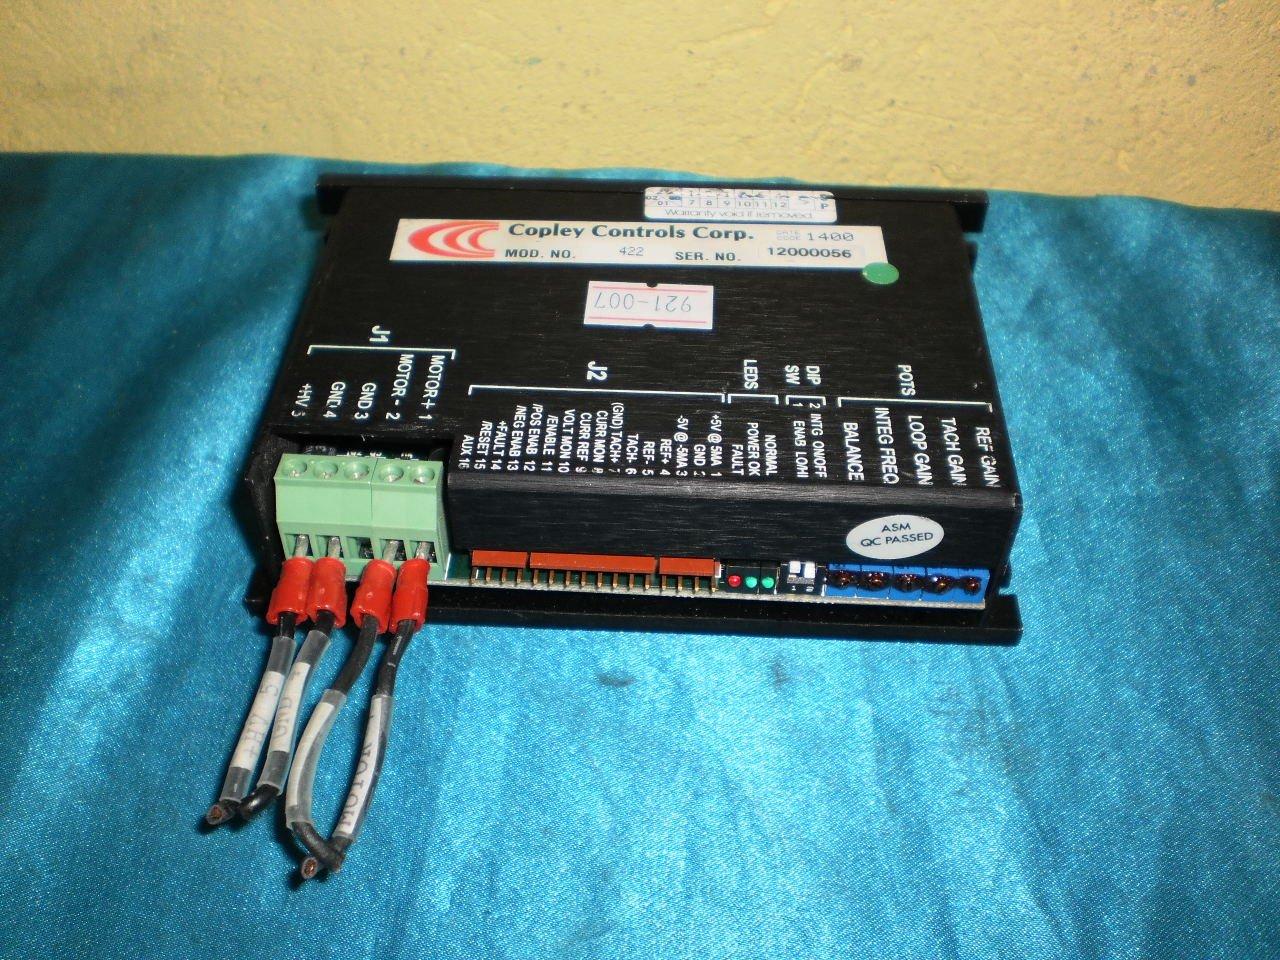 Copley Controls 422 Control